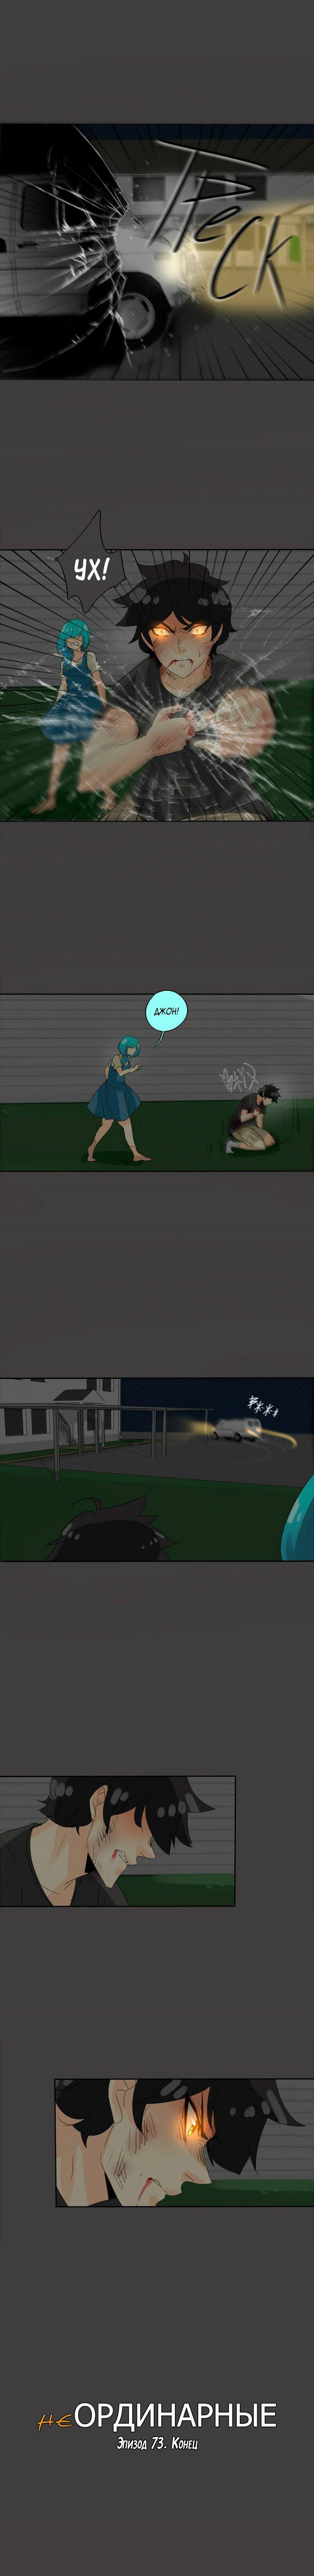 Манга неОРДИНАРНЫЕ / unORDINARY  - Том 1 Глава 75 Страница 16